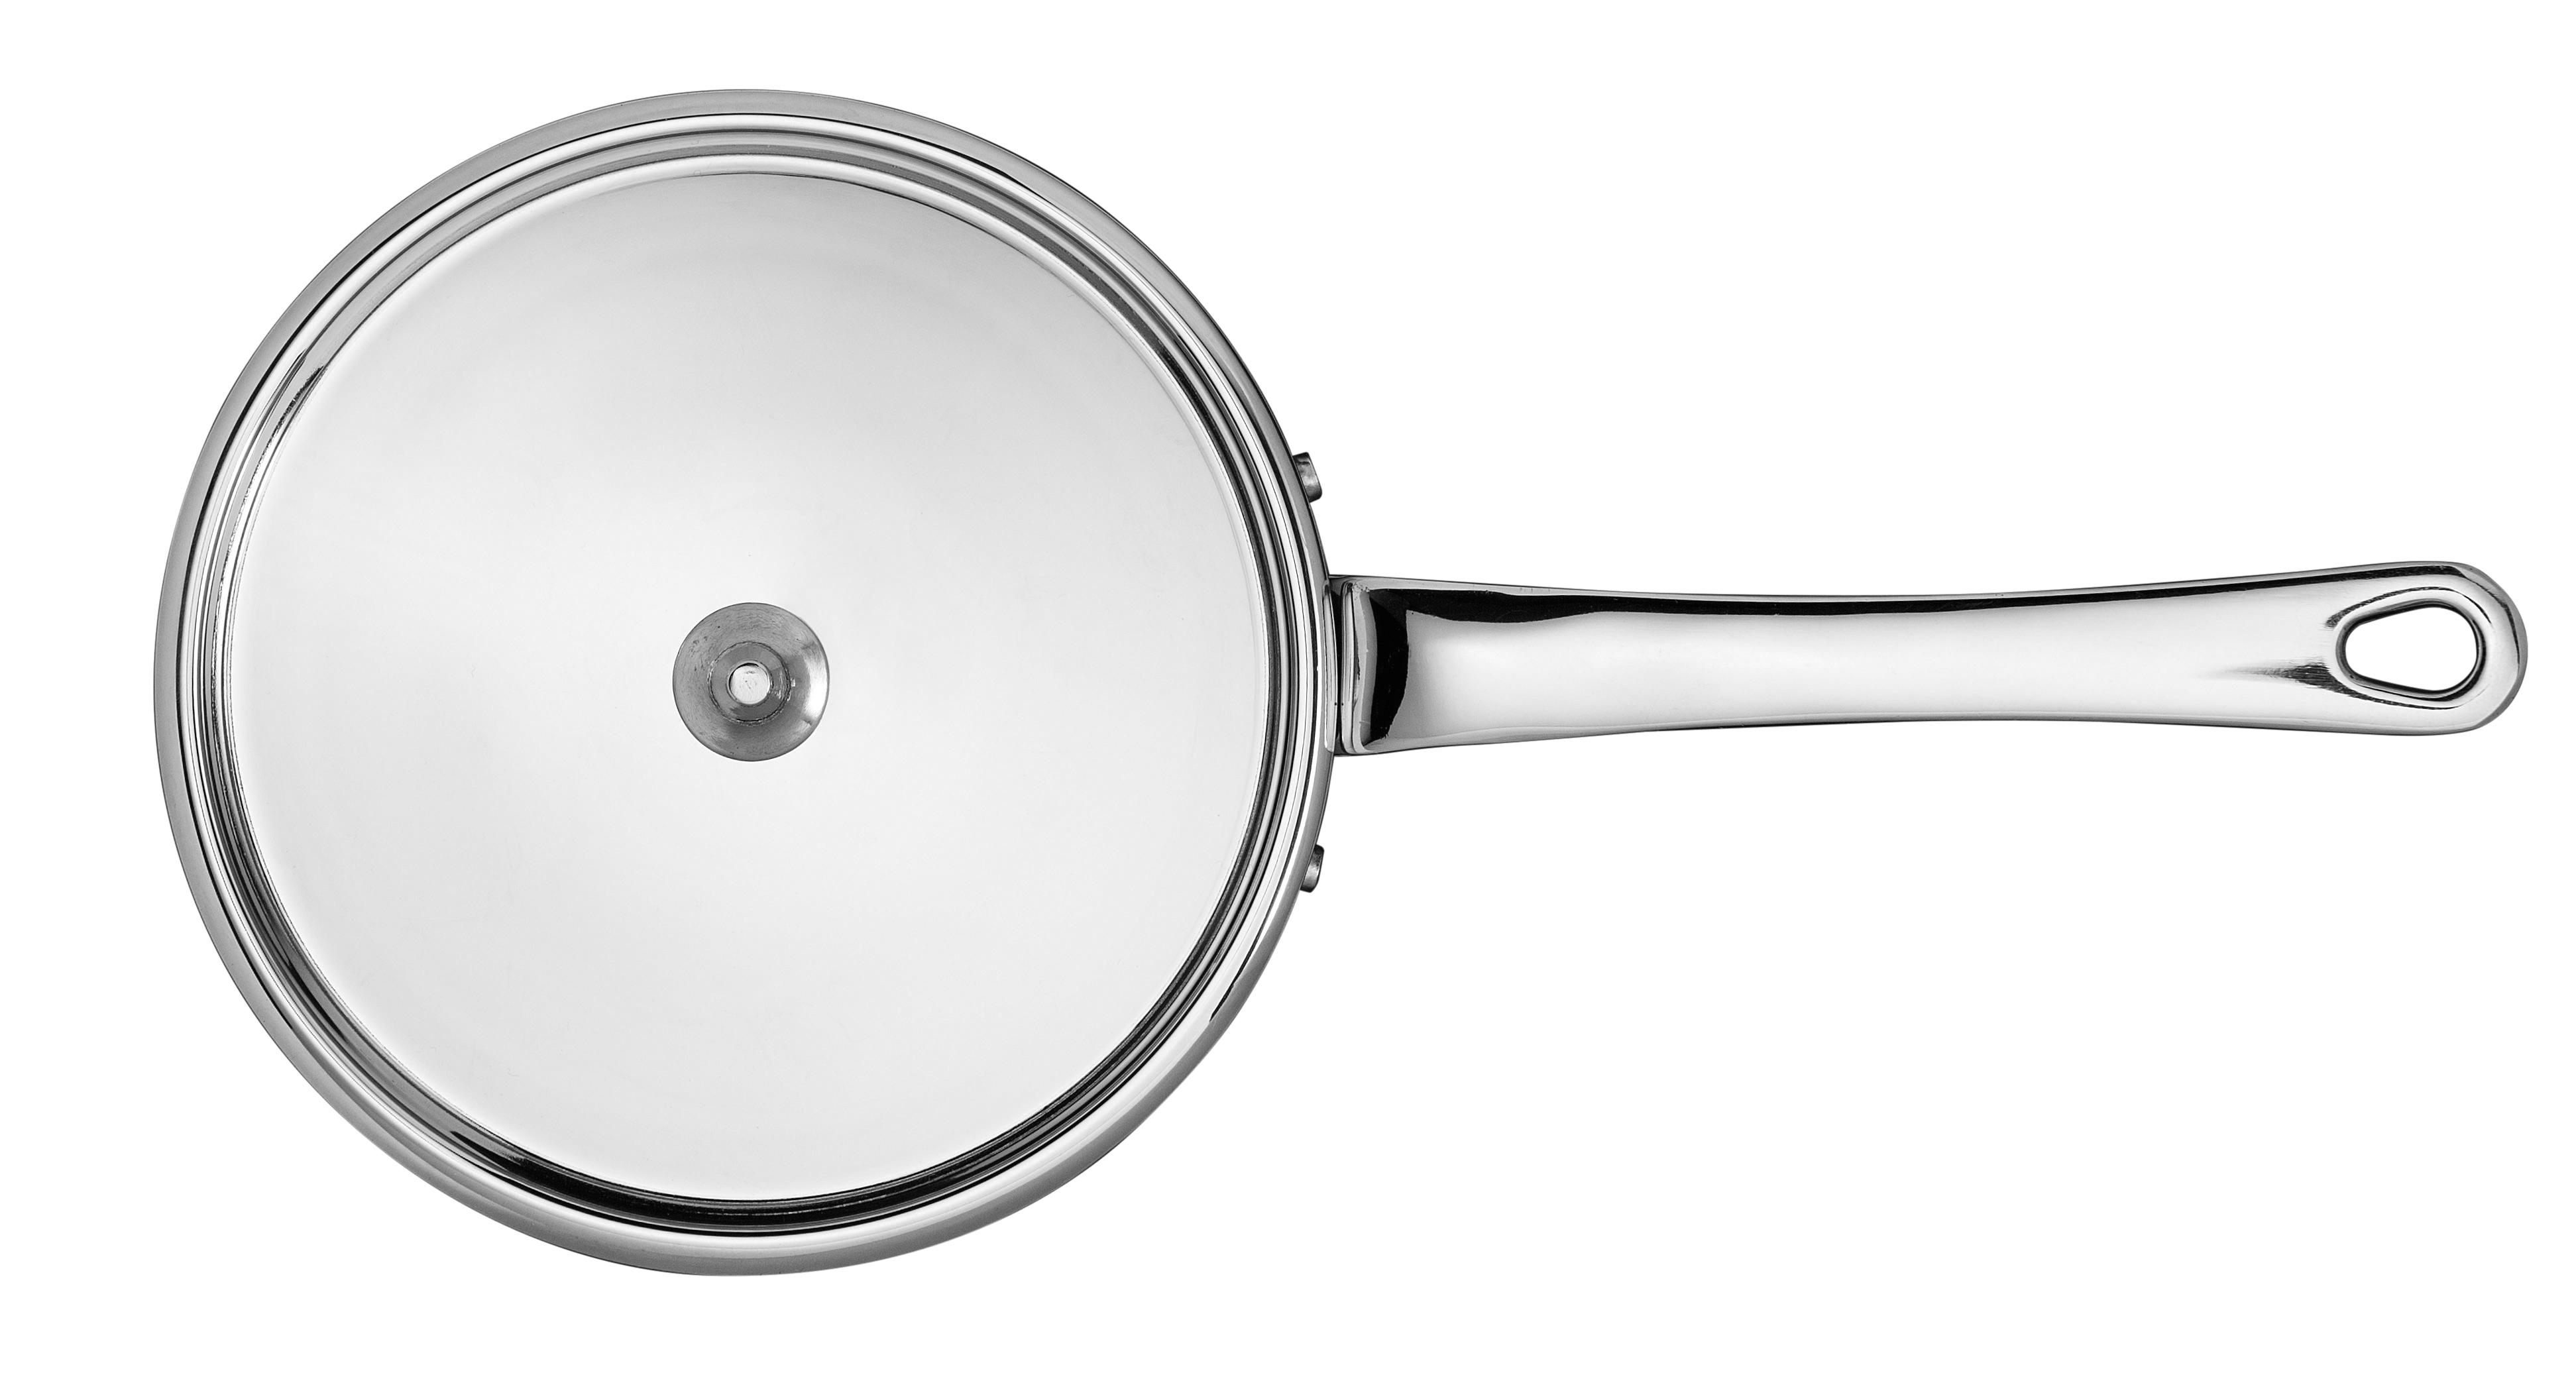 0,90 ltr/14 cm kasserolle med stållåg - Maitre D, 0,9 l 14 cm